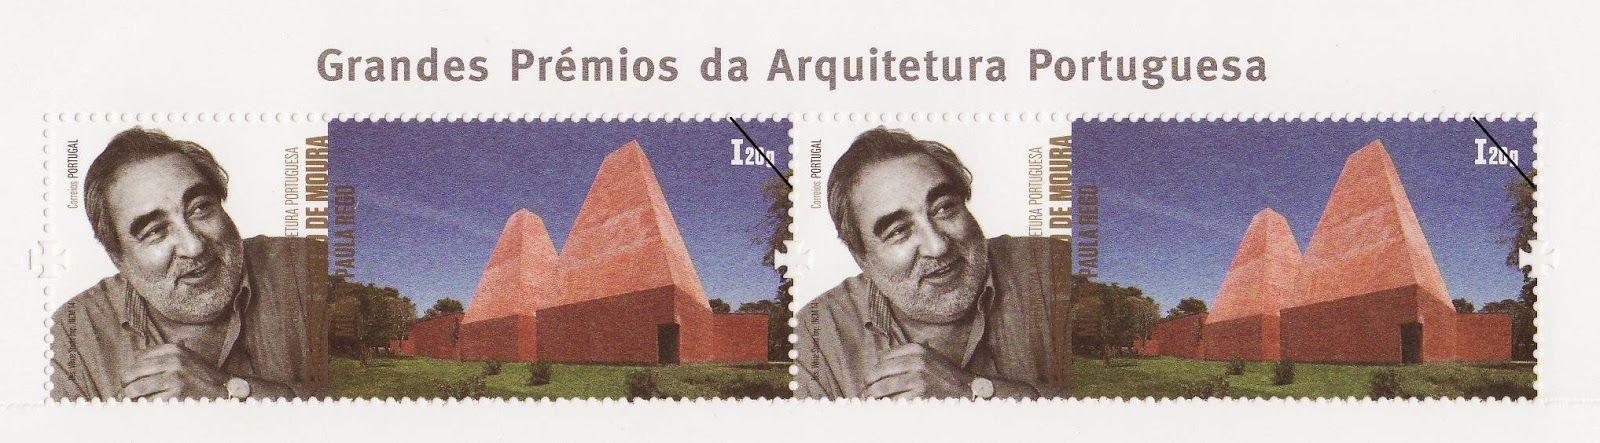 Vultos da História e da Cultura: Eduardo Souto de Moura